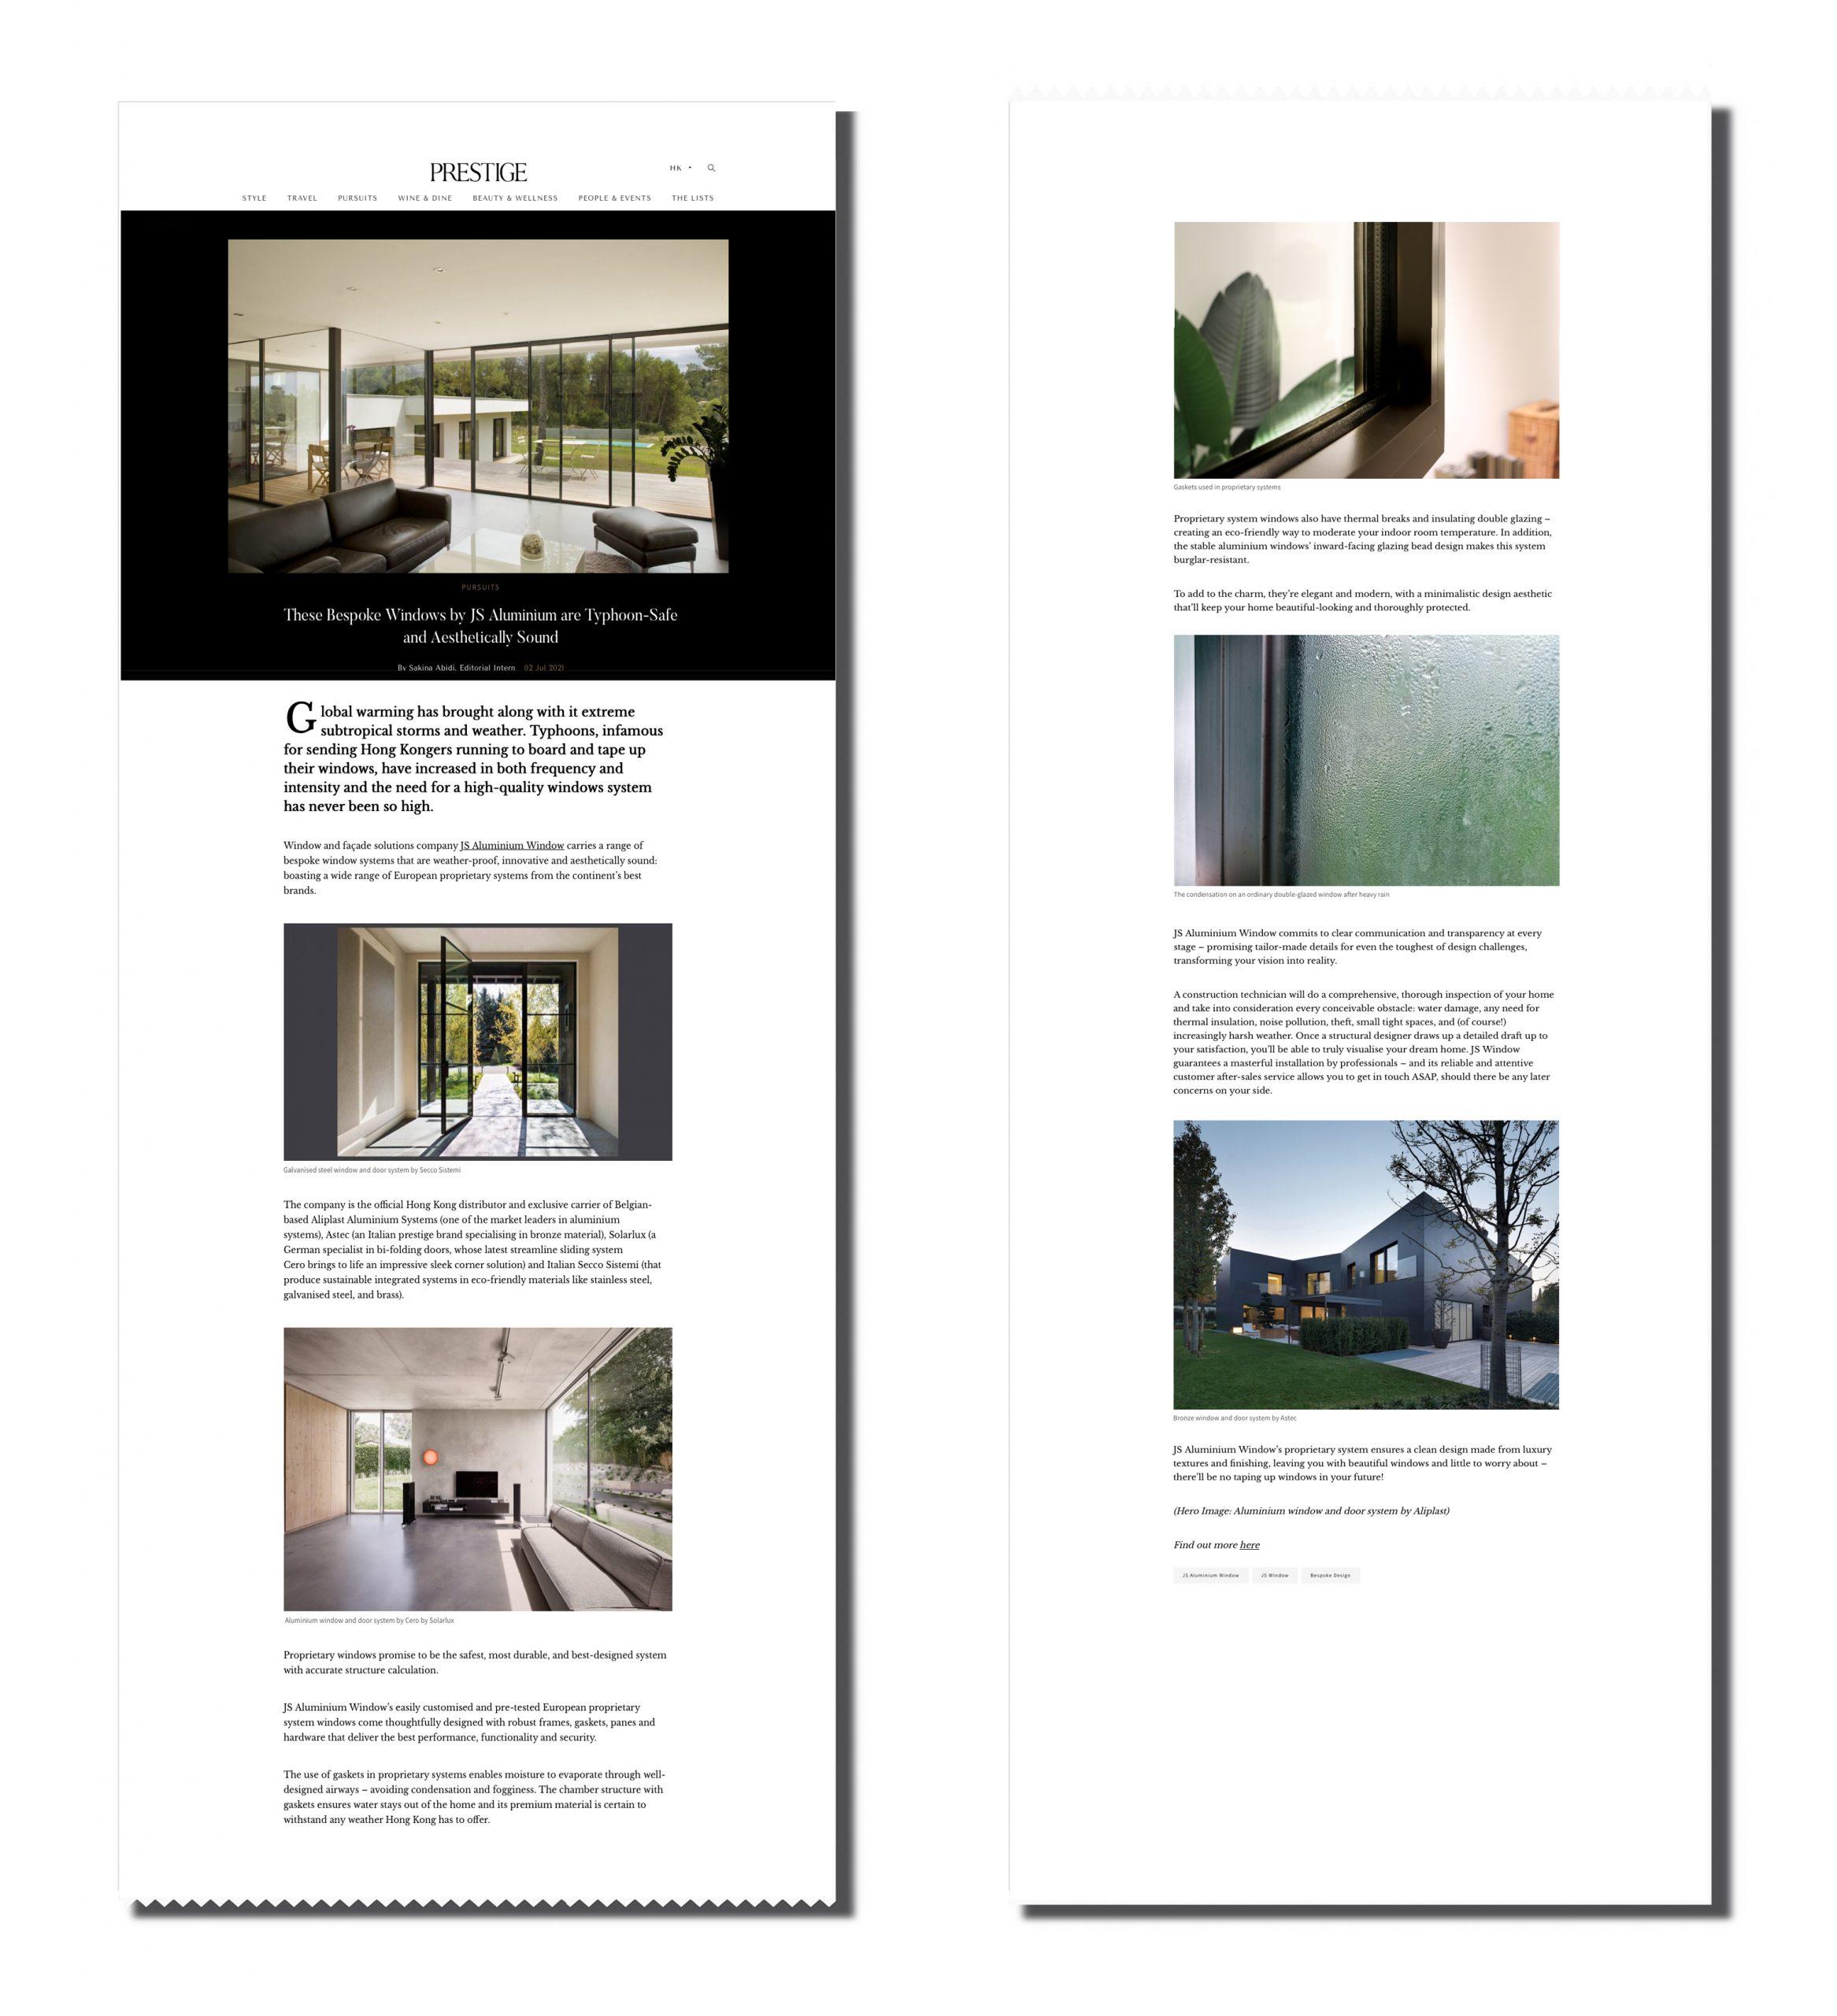 JS - Aluminium Windows in Hong Kong 香港優質鋁窗公司 Prestige Article